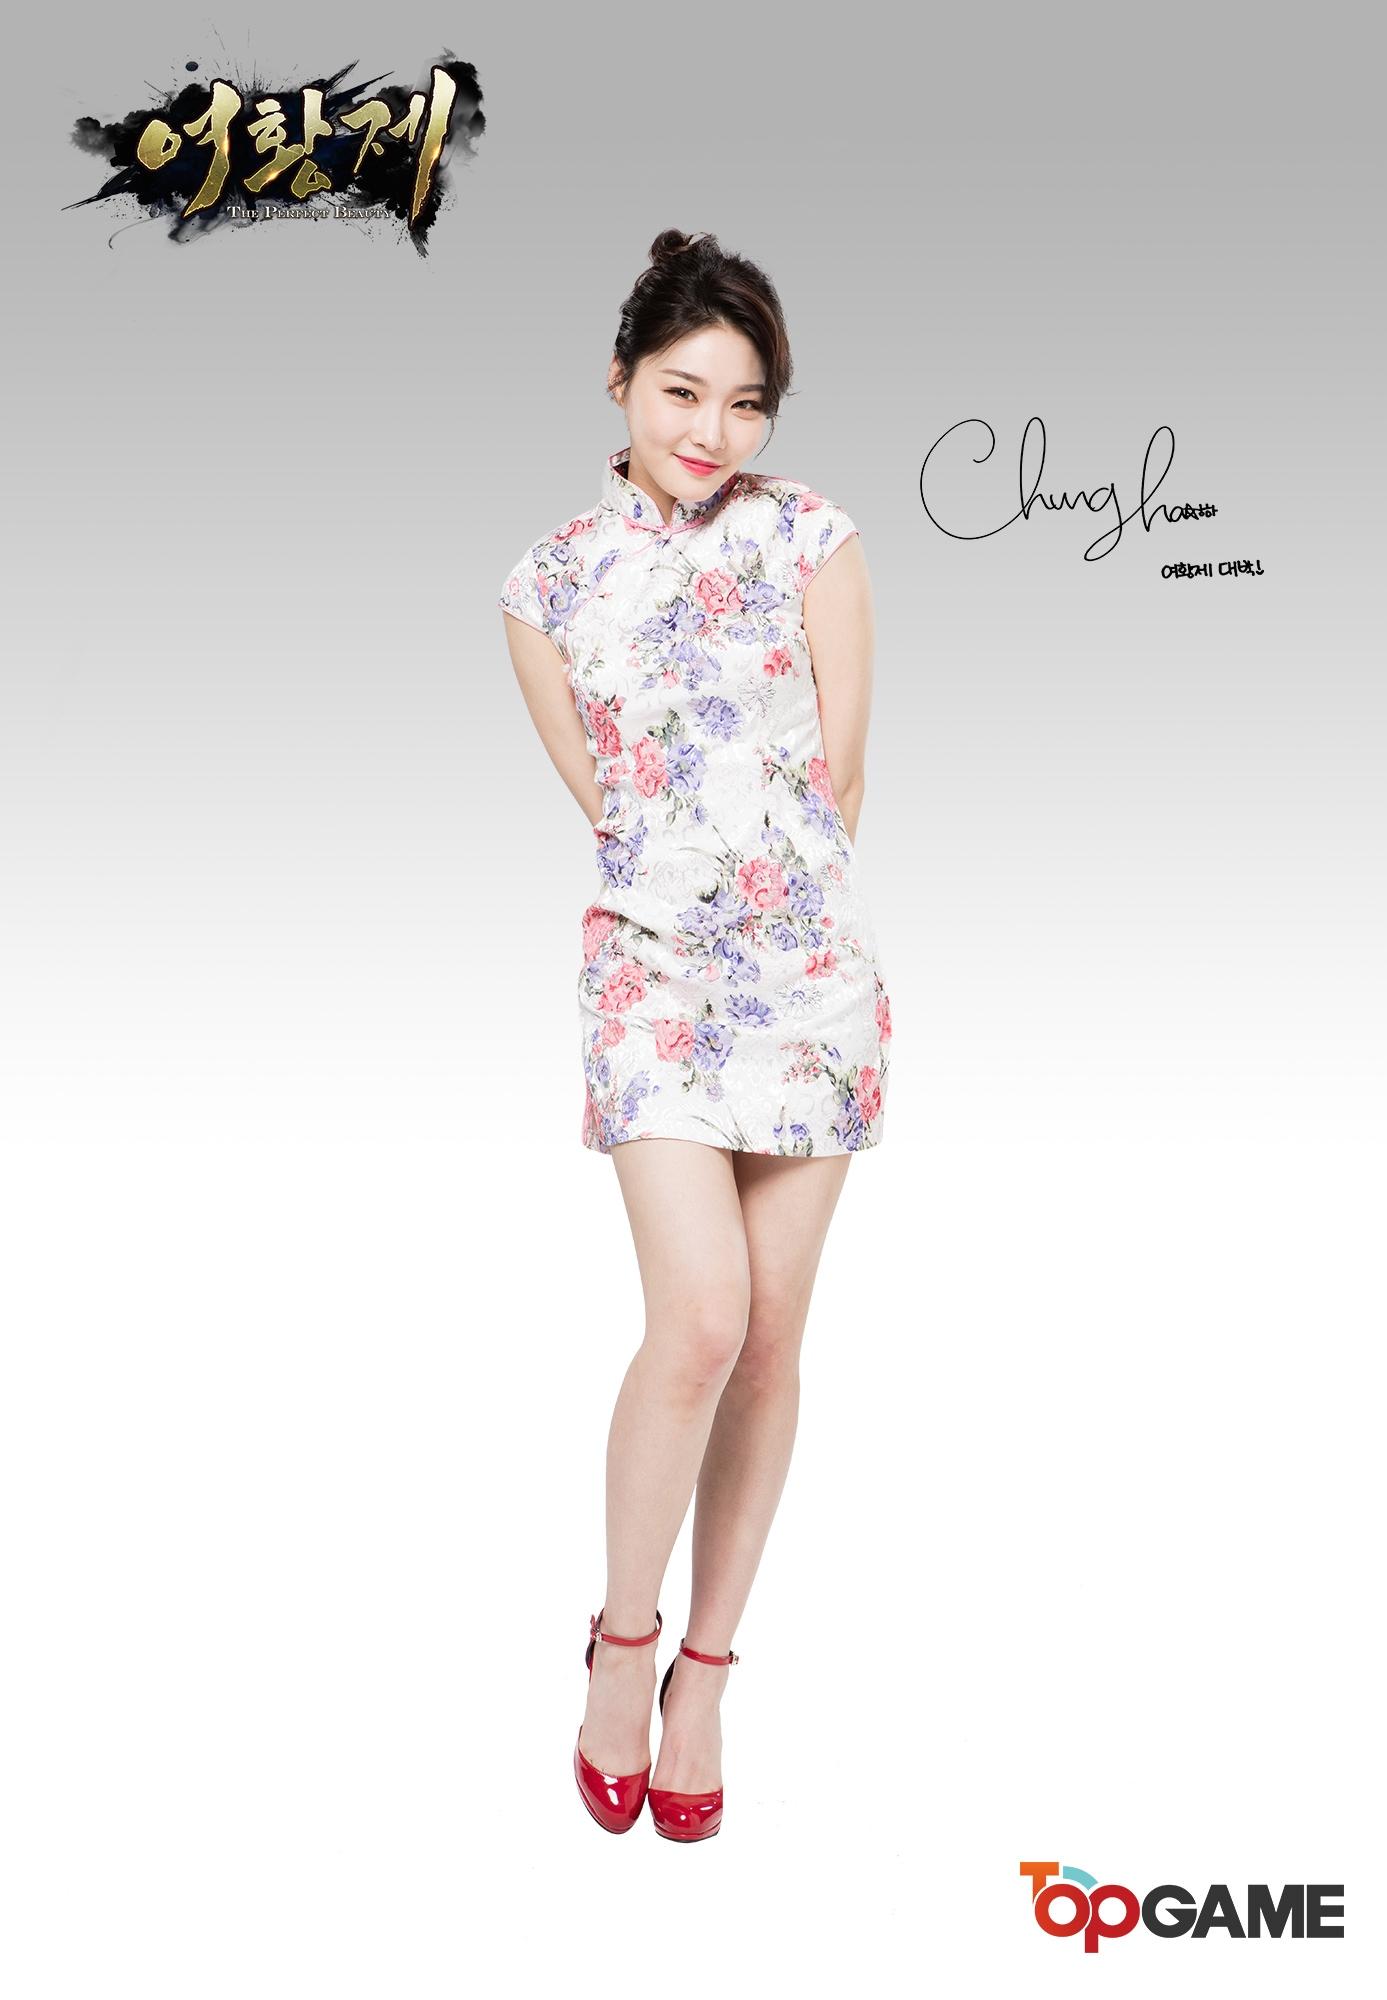 chungha012i